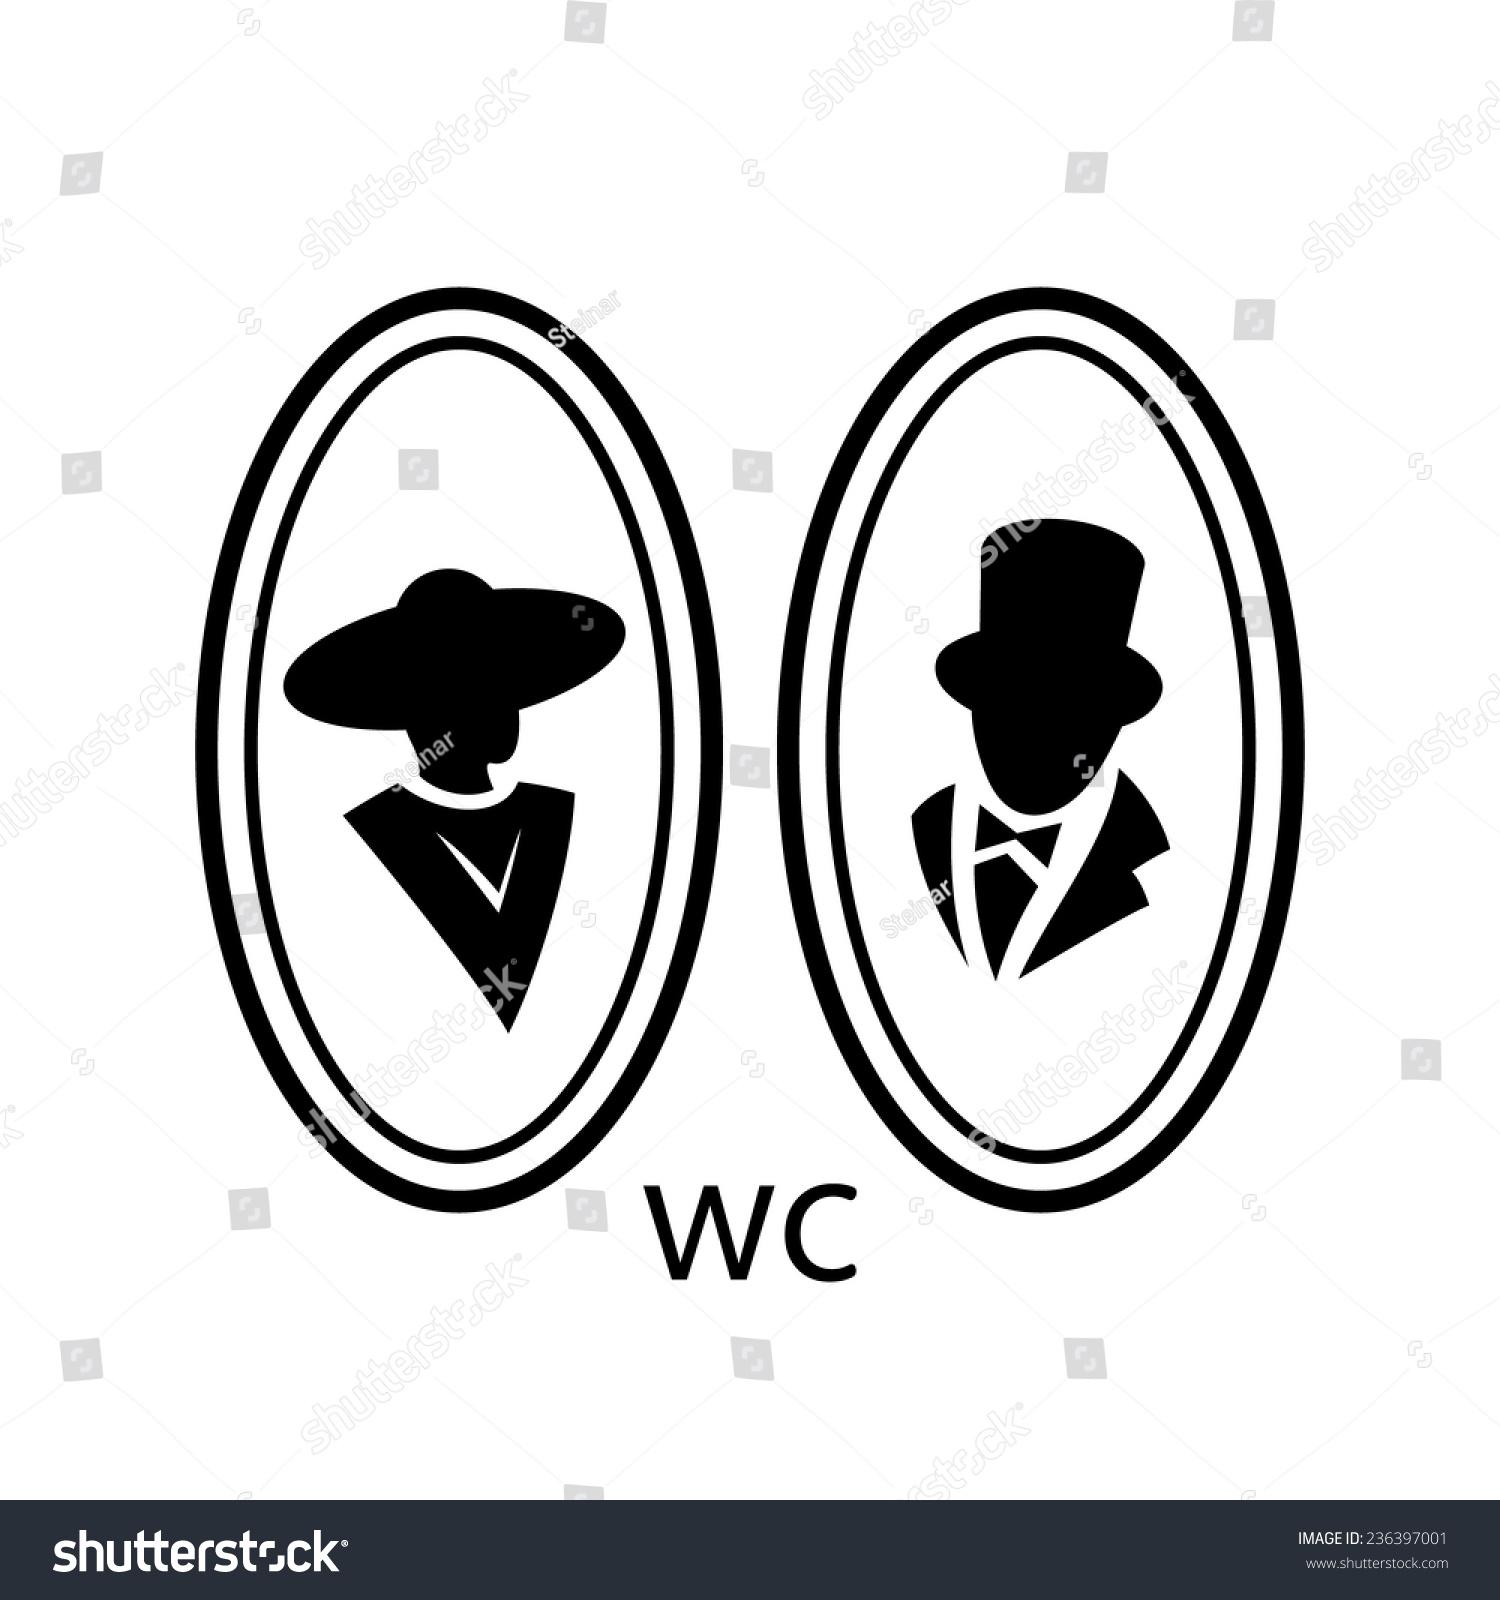 一个白色背景上的厕所标志男女厕所标志-人物